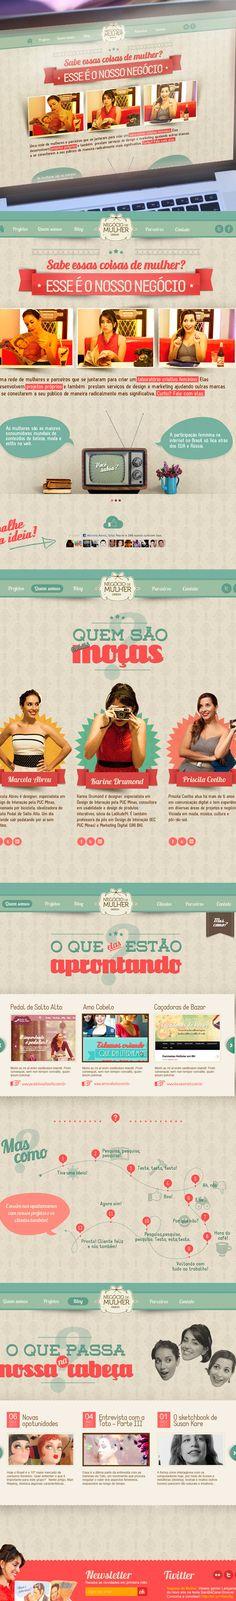 Negócio de Mulher by Marcela Abreu, via Behance